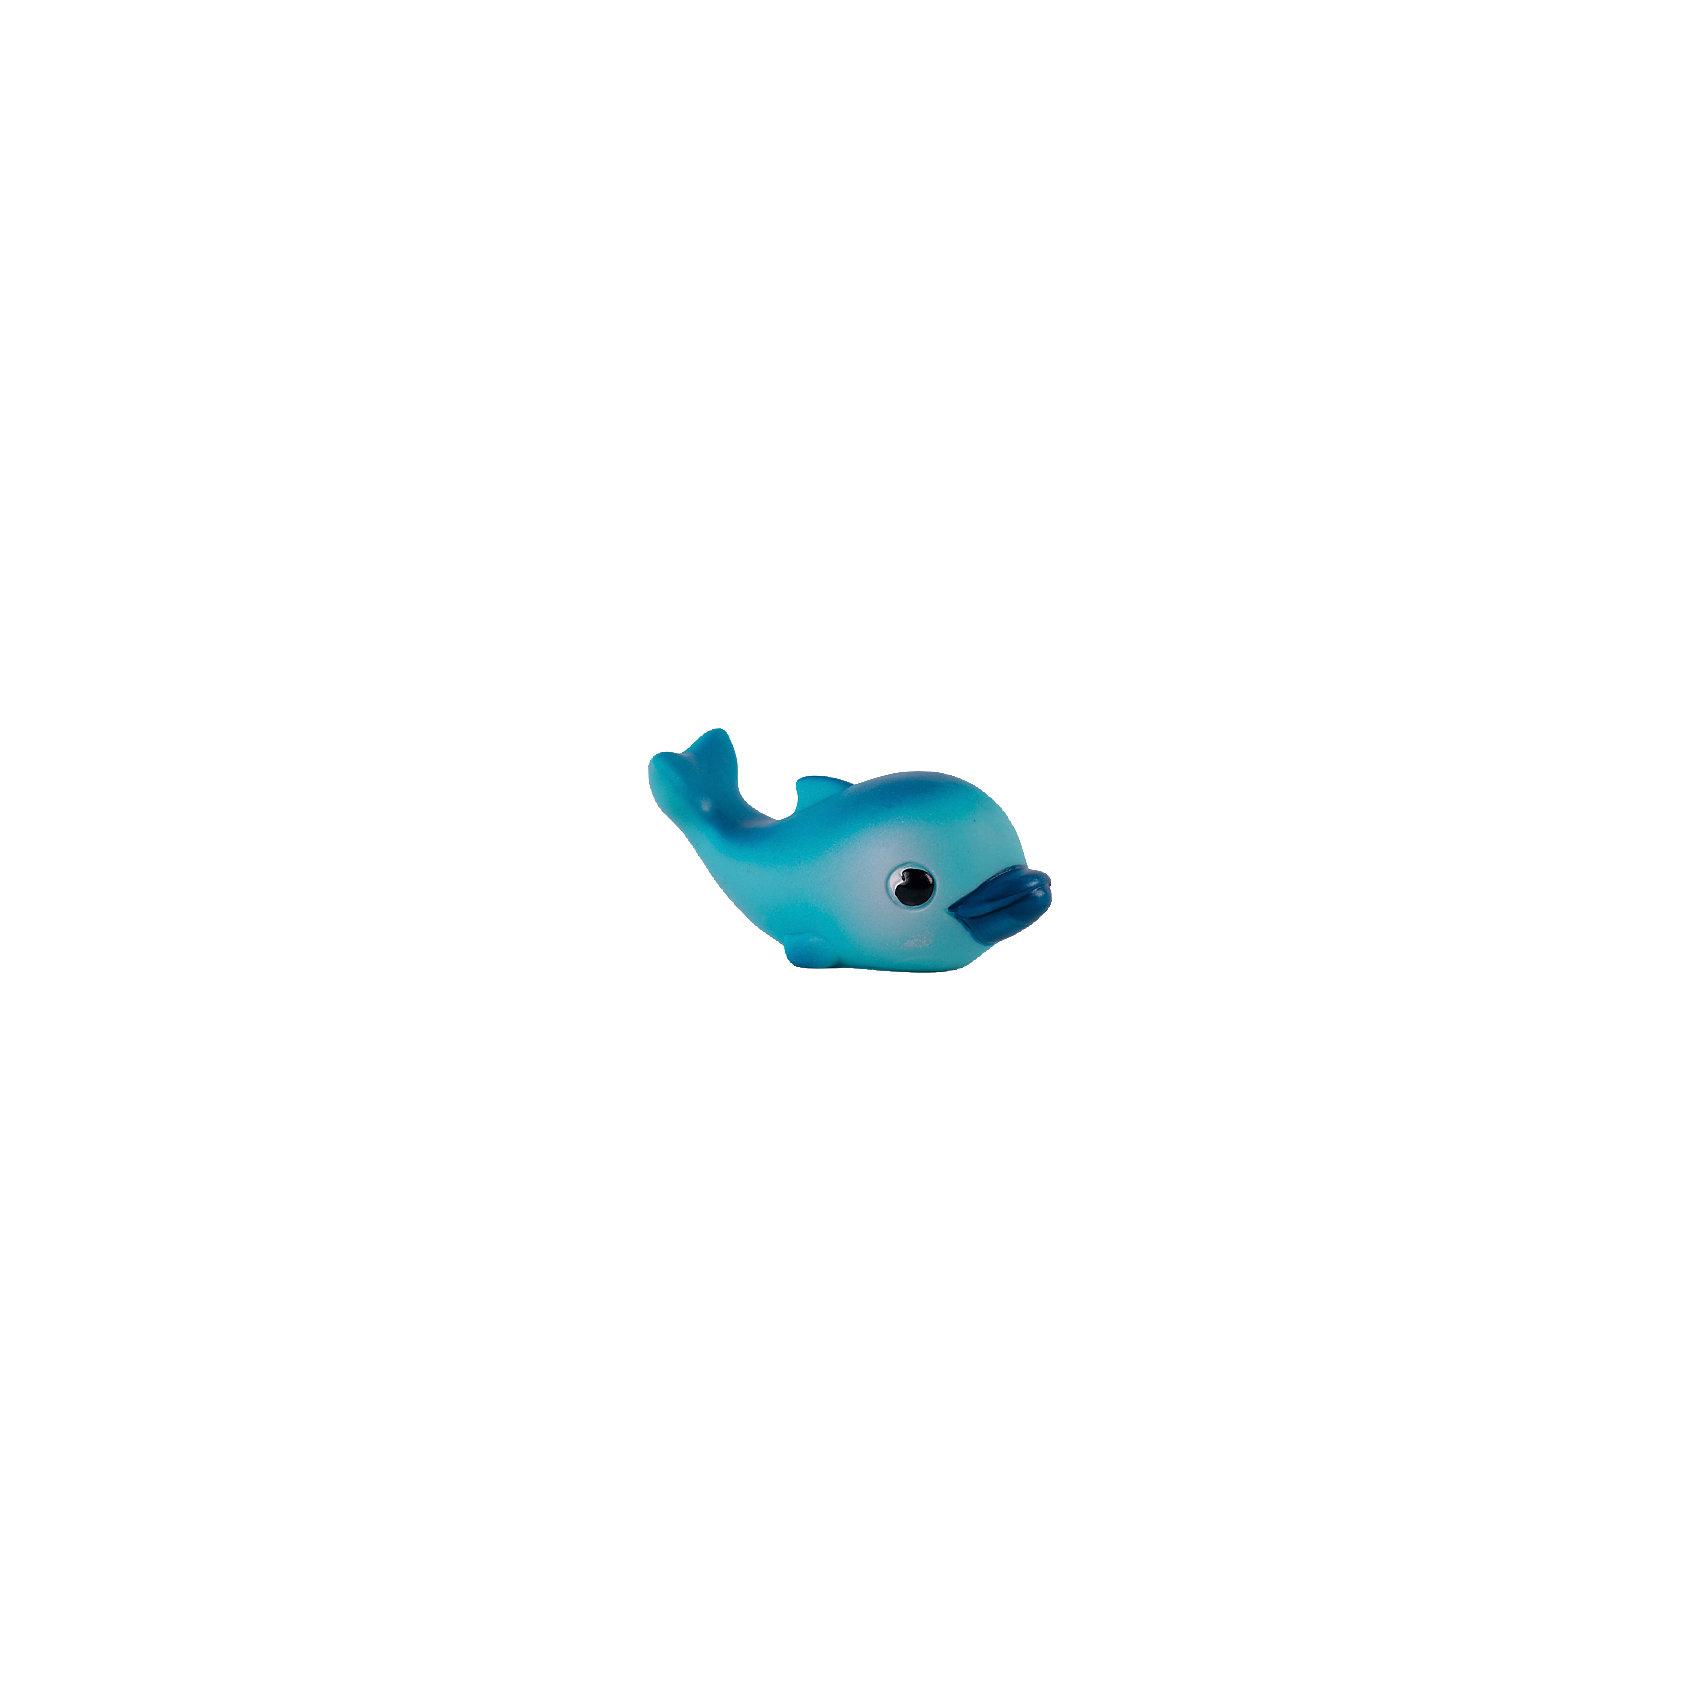 Дельфинчик, Огонек